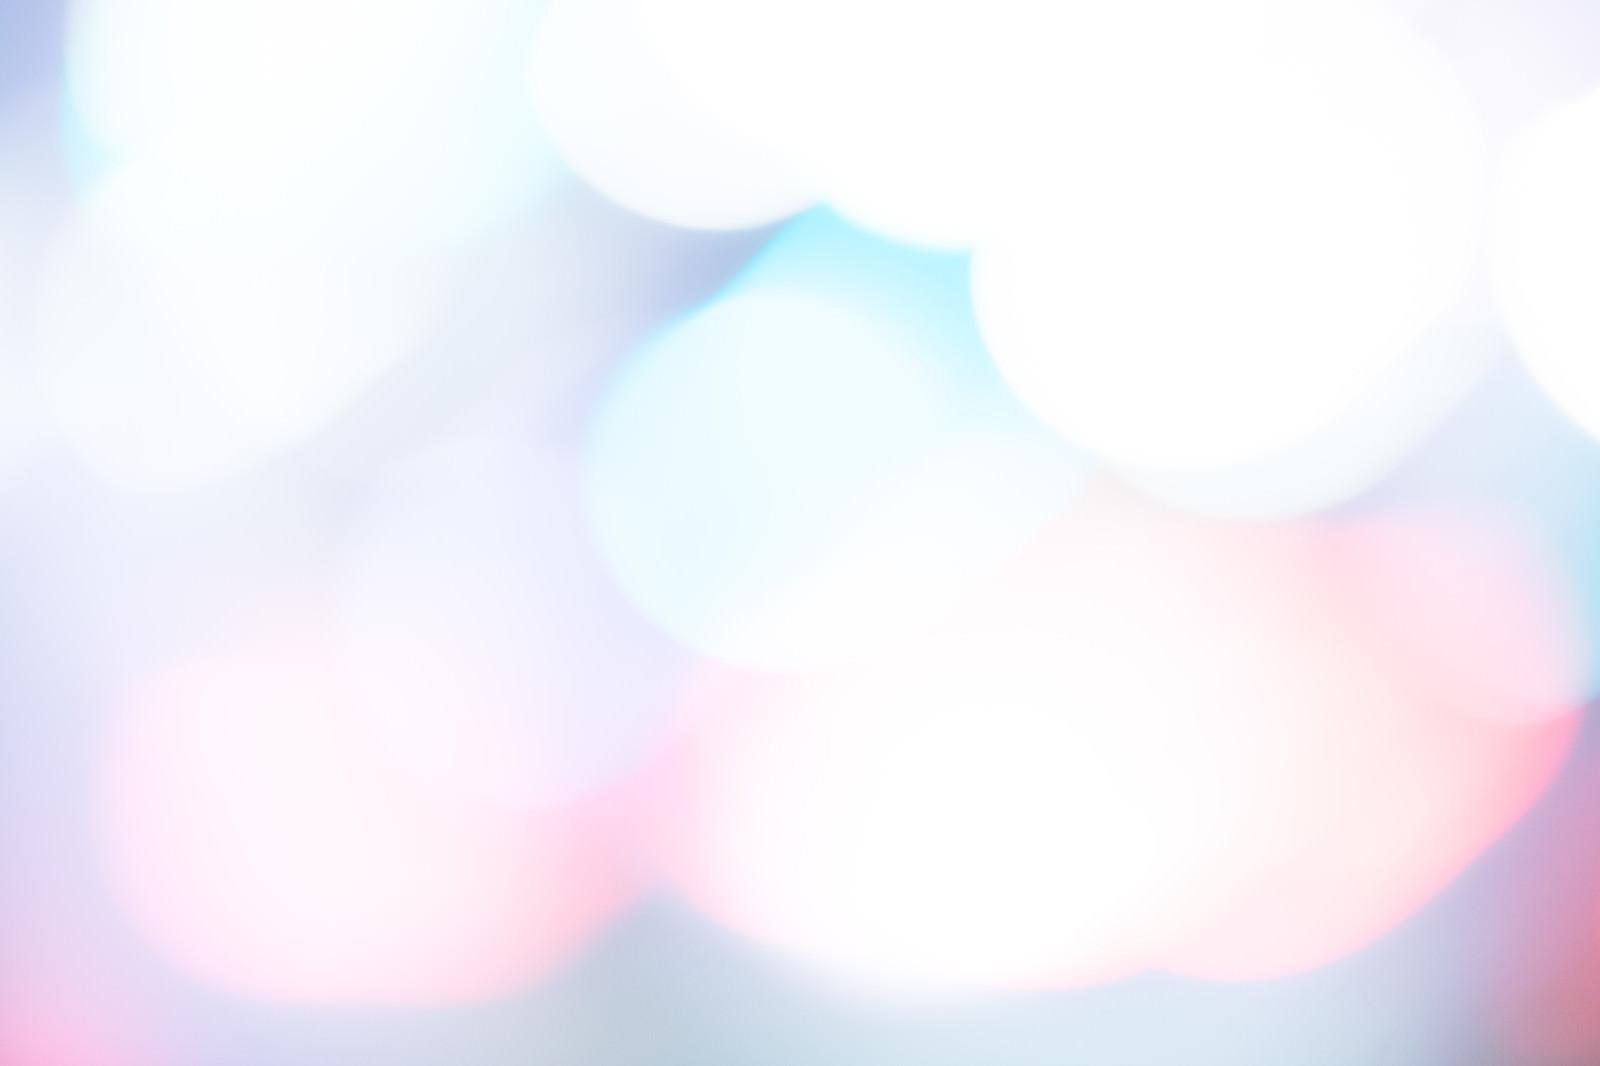 「淡くボケる光の中」の写真